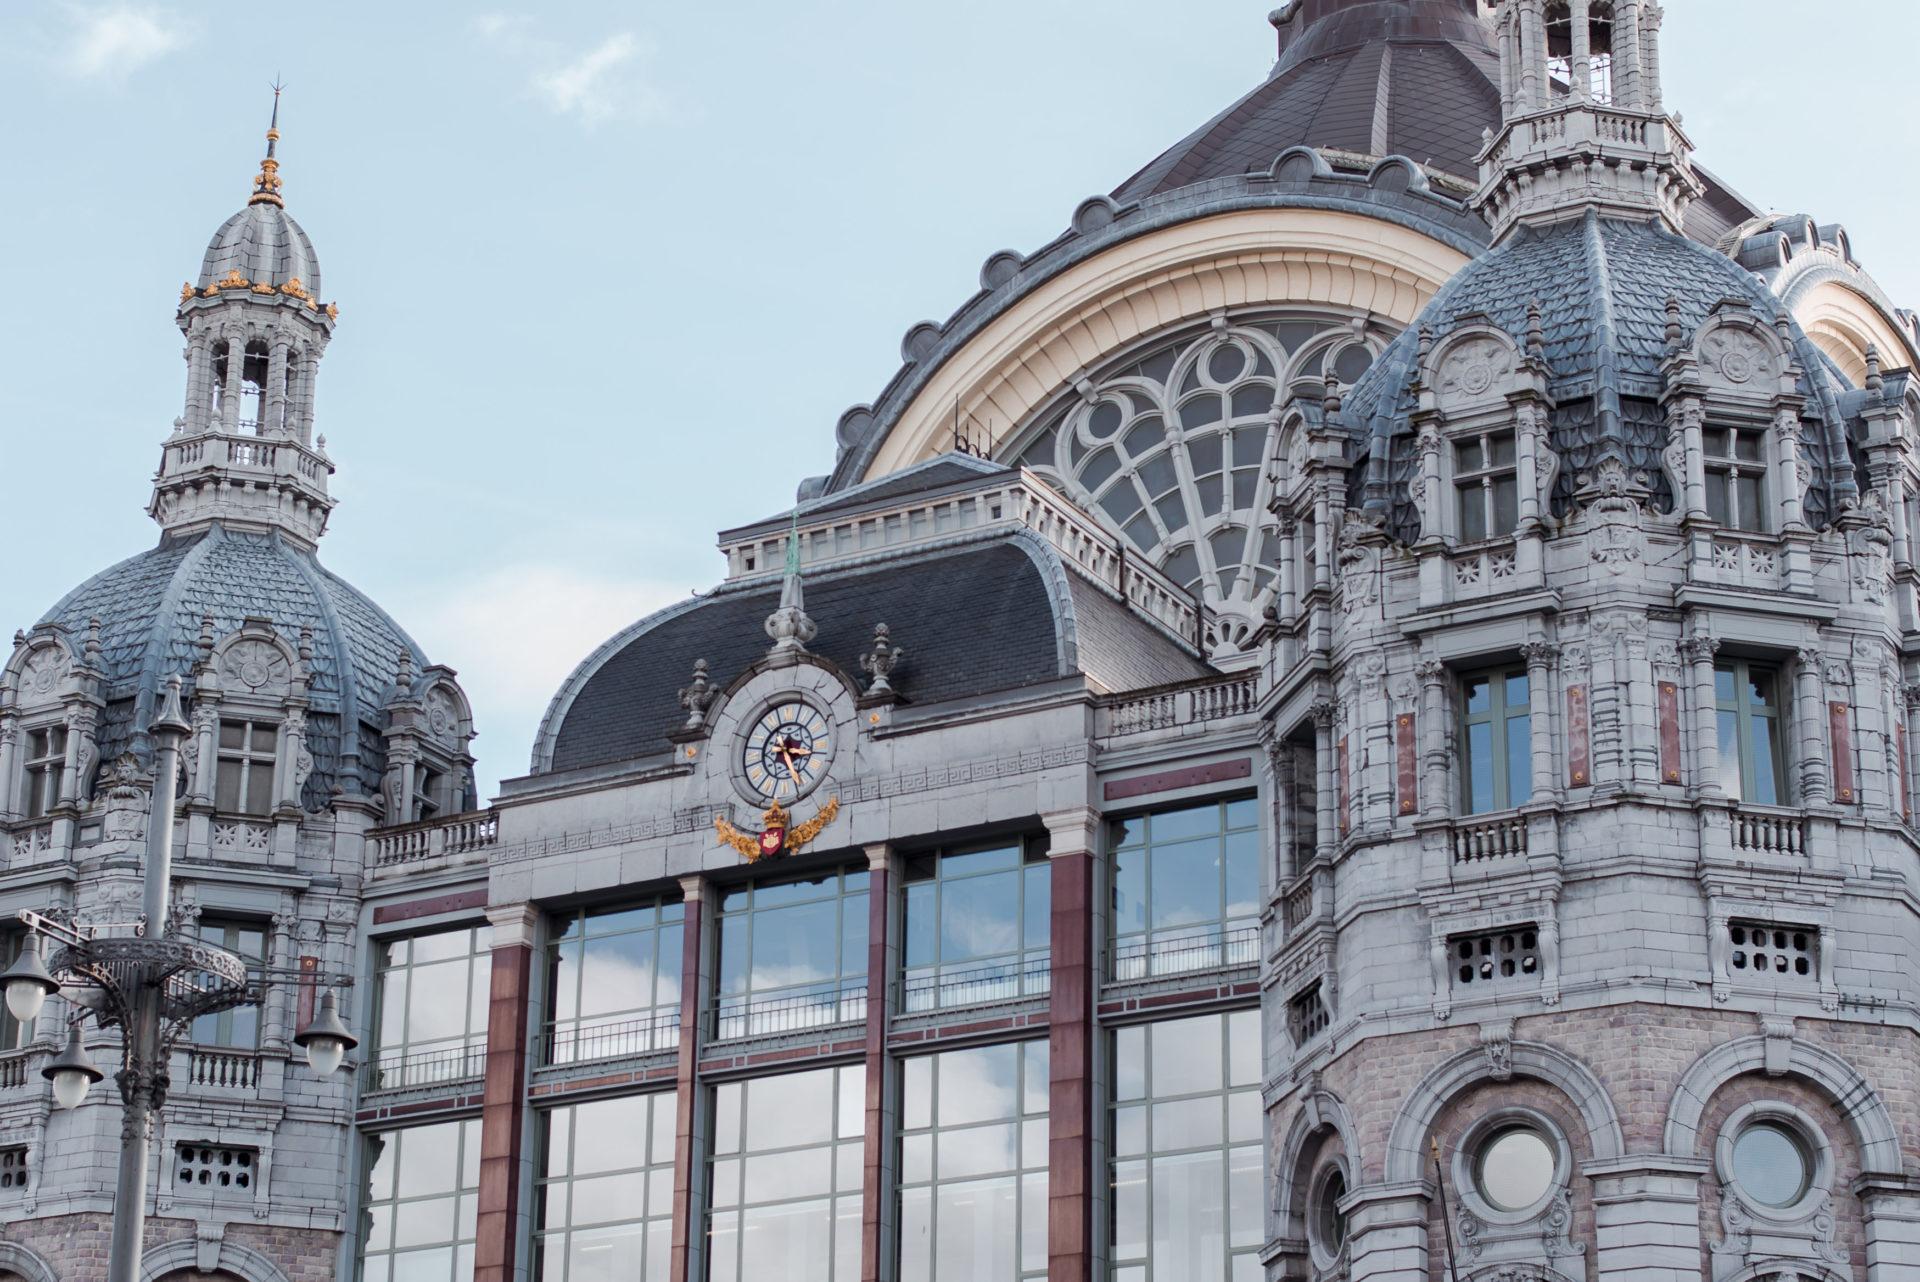 Reizen naar Antwerpen: dit zijn de mogelijkheden!